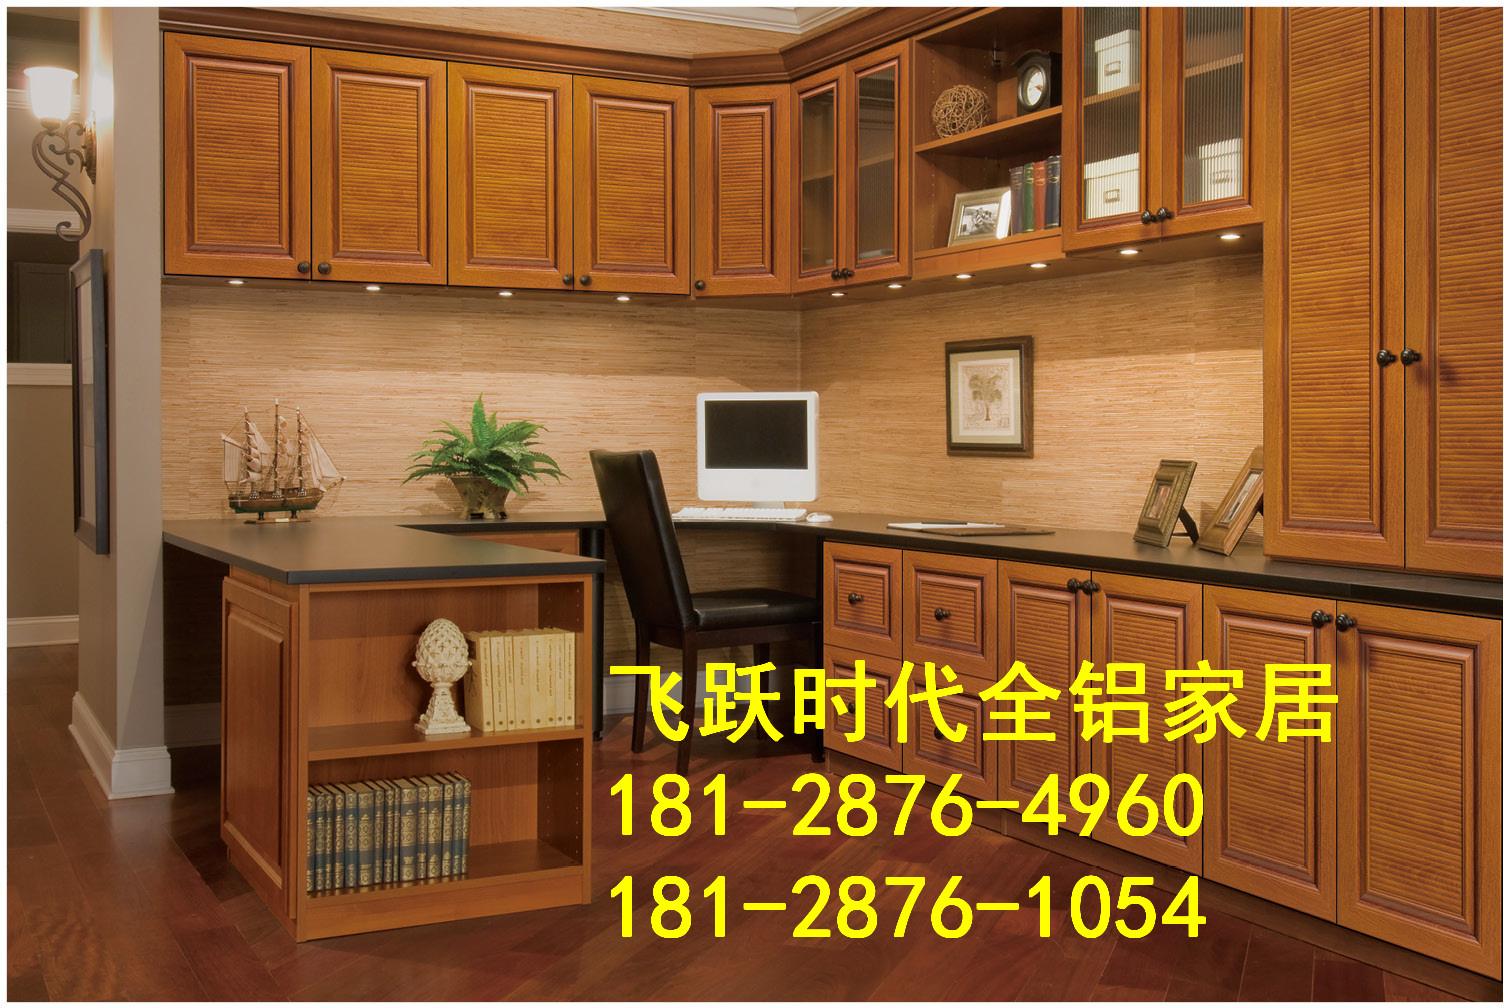 佛山铝家具材料生产厂家成批出售 (3)_副本.jpg